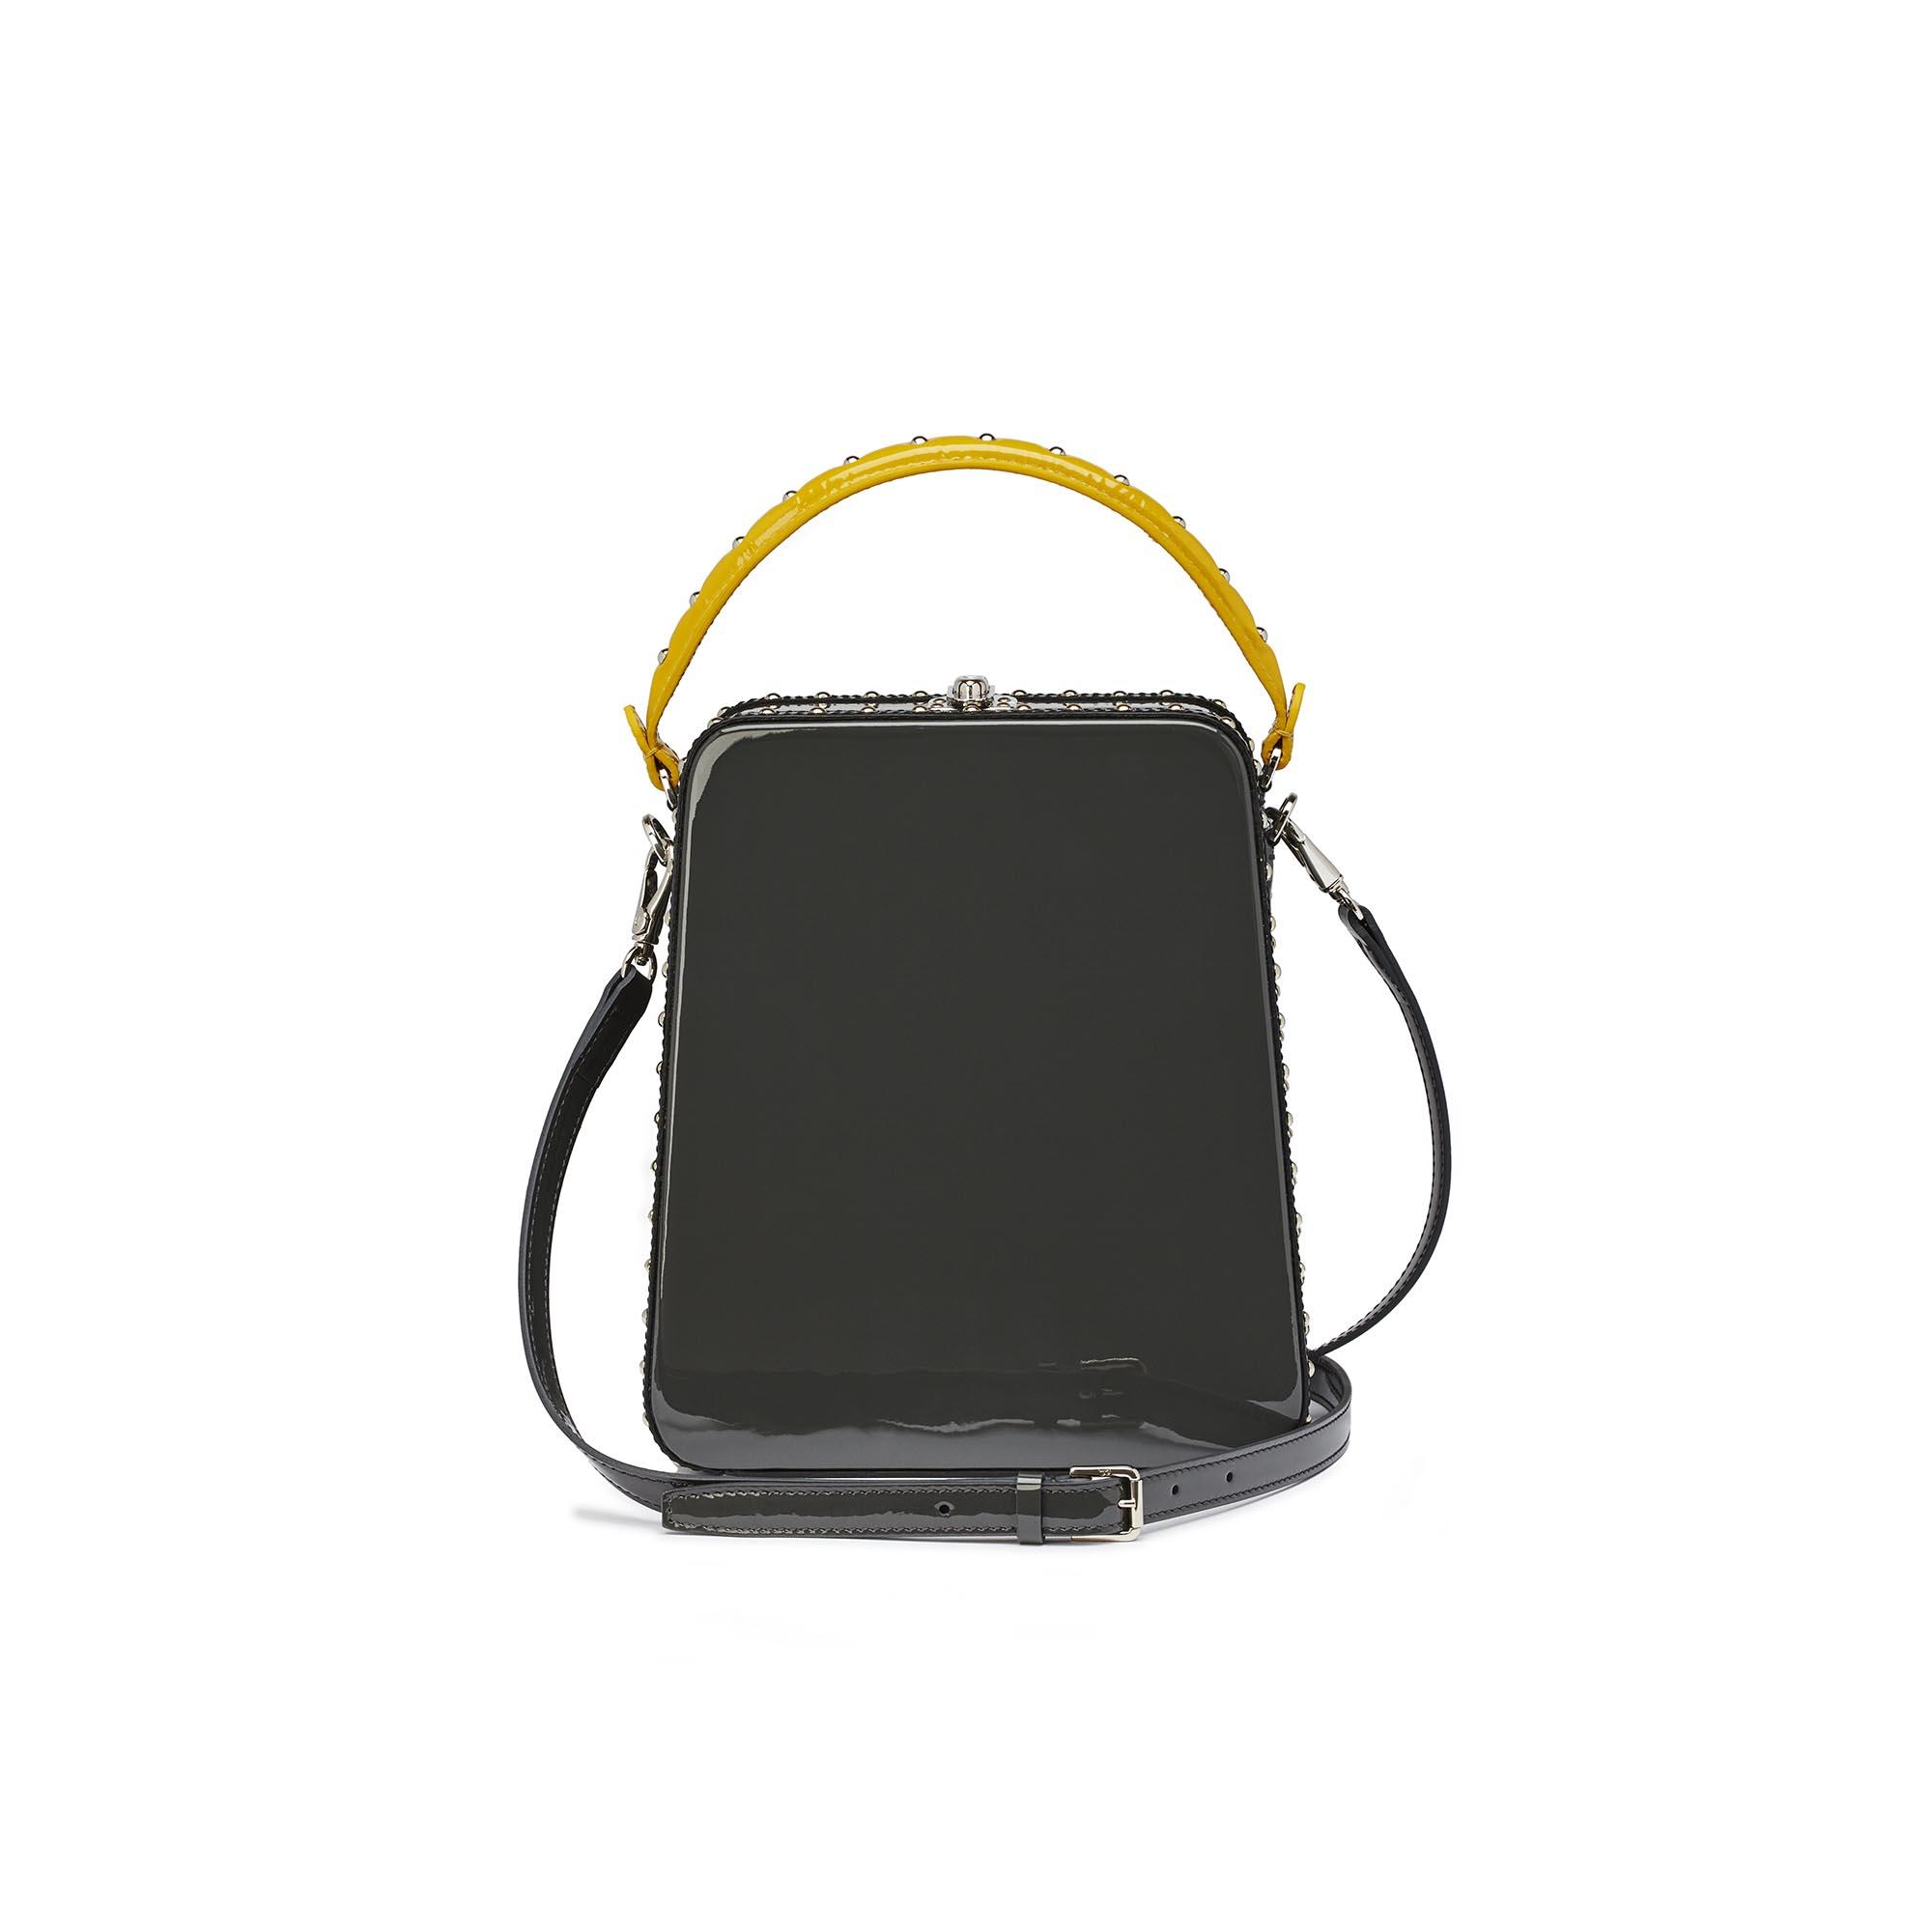 Tall-Bertoncina-gray-patent-leather-bag-Bertoni-1949